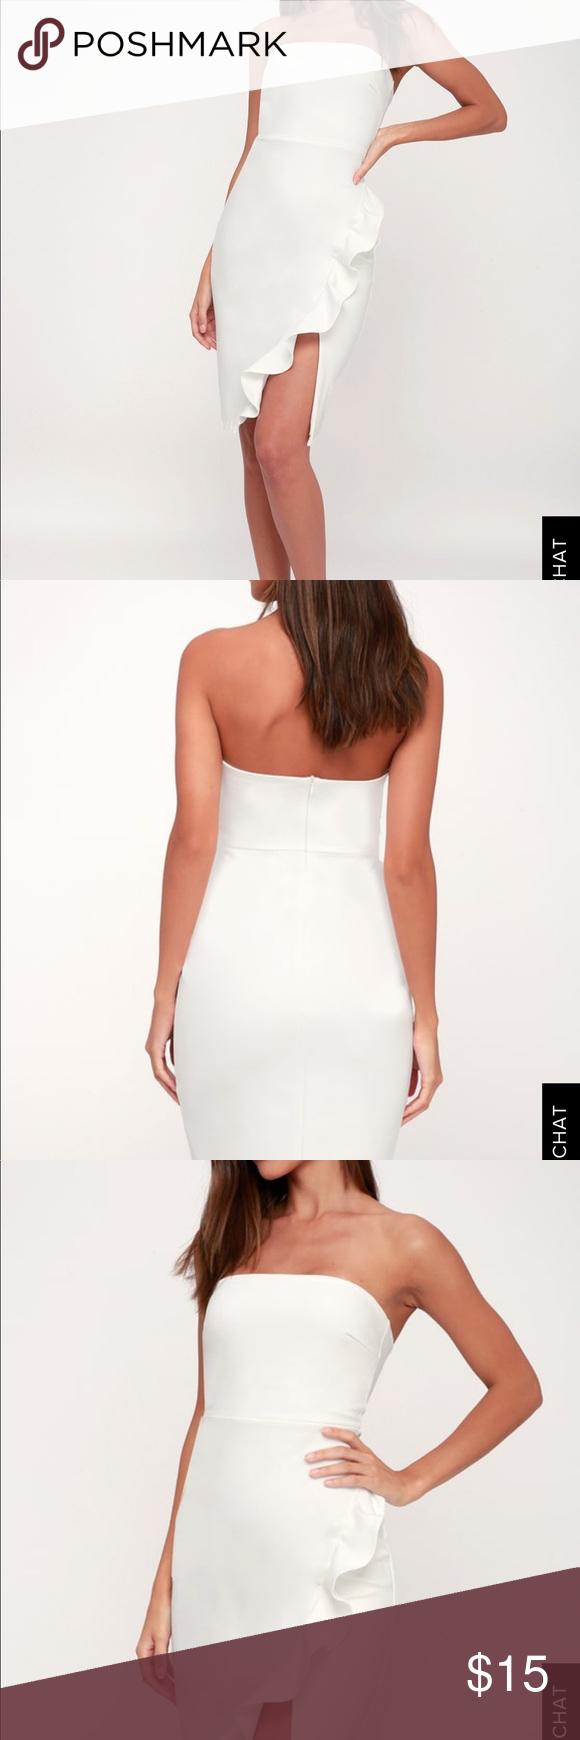 Lulu S Anika White Ruffle Strapless Dress Lulu S Anika White Strapless Ruffle Dress In Size Small Only Wor Strapless Ruffle Dress Strapless Dress Lulu Dresses [ 1740 x 580 Pixel ]